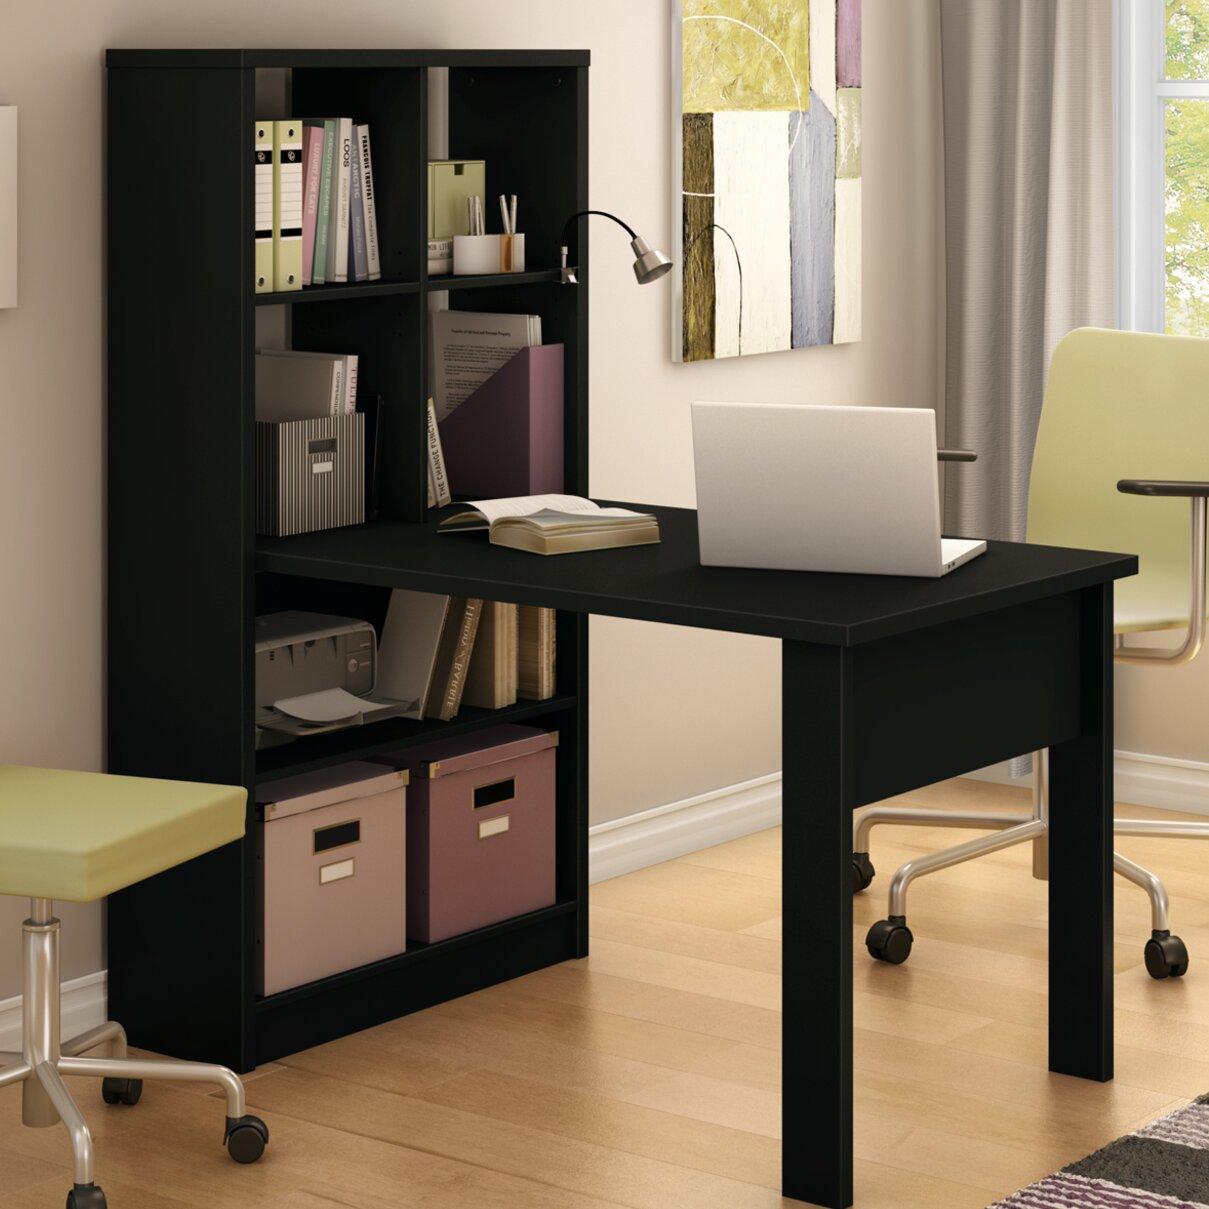 South Shore Annexe Craft Storage Unit Combo Computer Desk